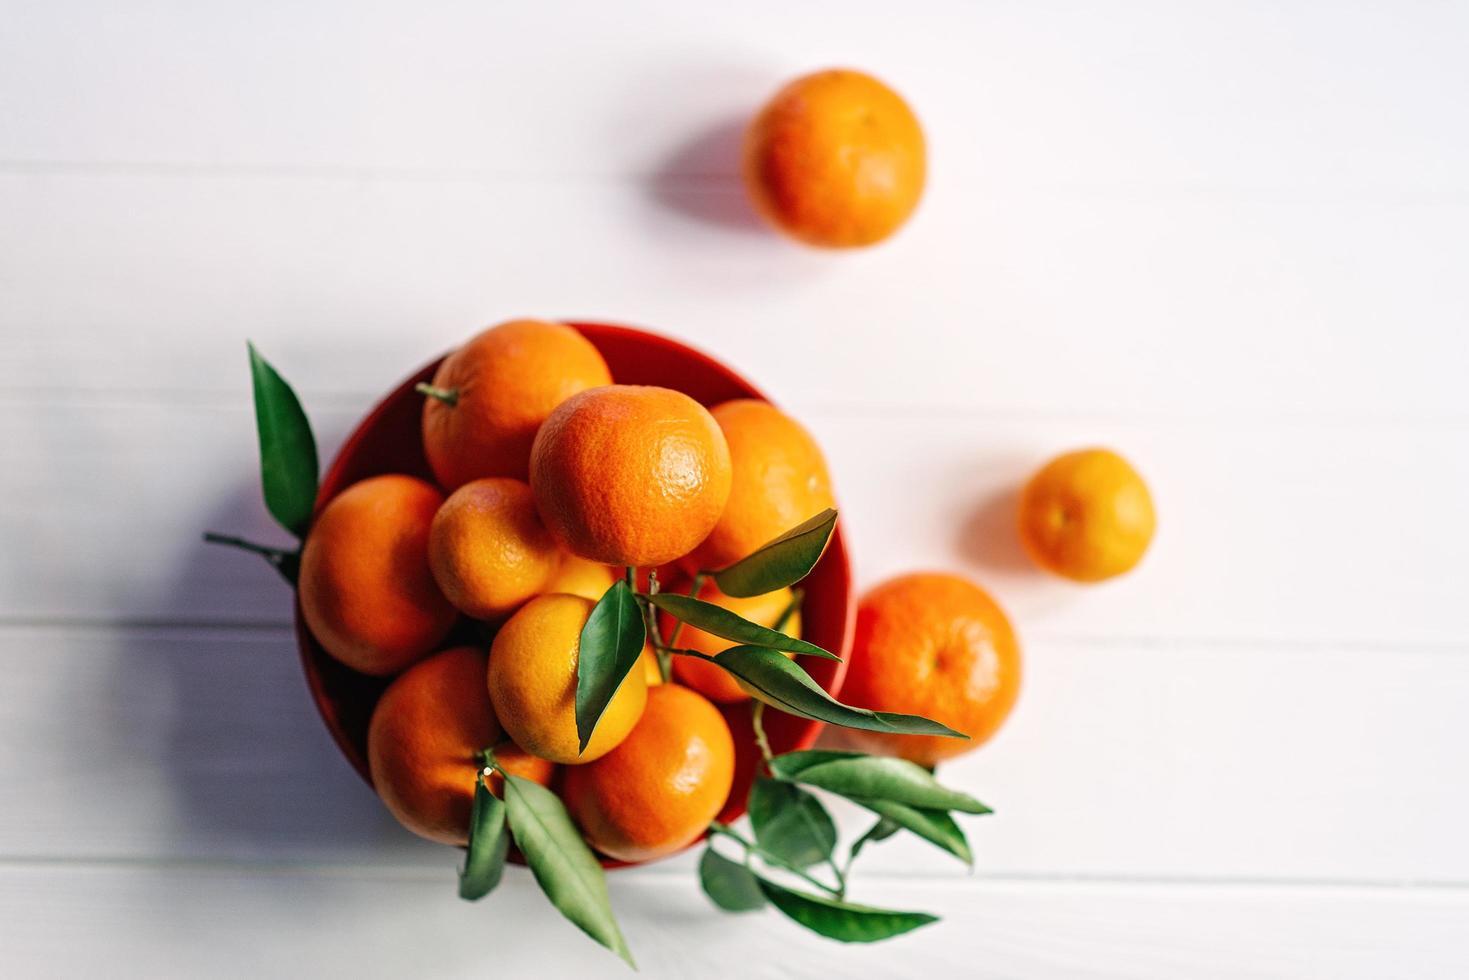 mogna saftiga mandariner i en röd tallrik på en vit bakgrund. foto